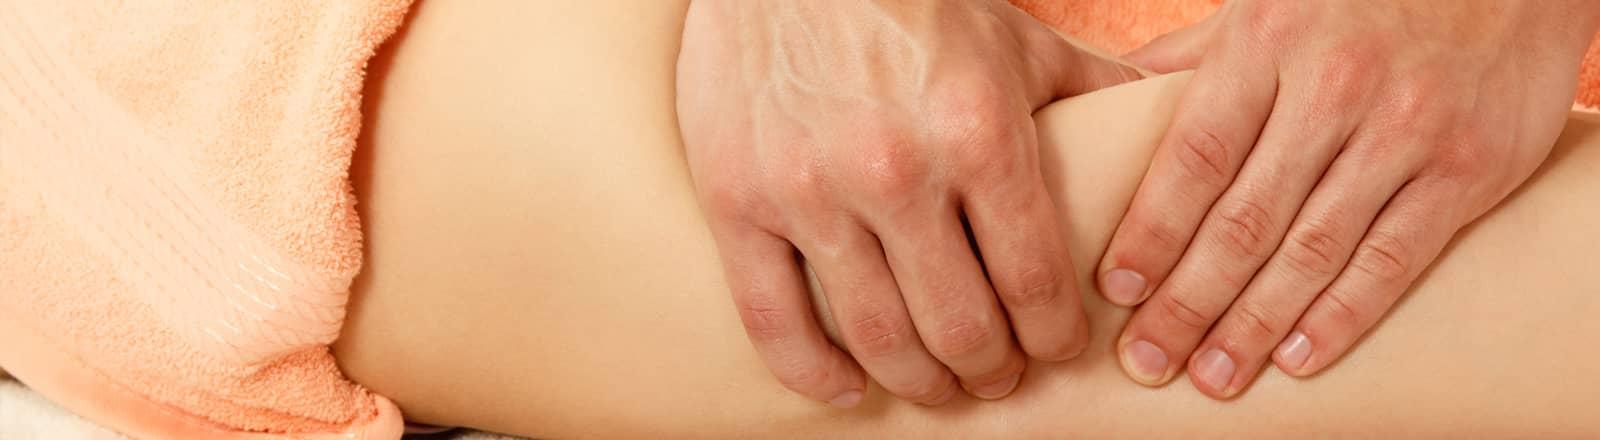 masaje relajante masaje